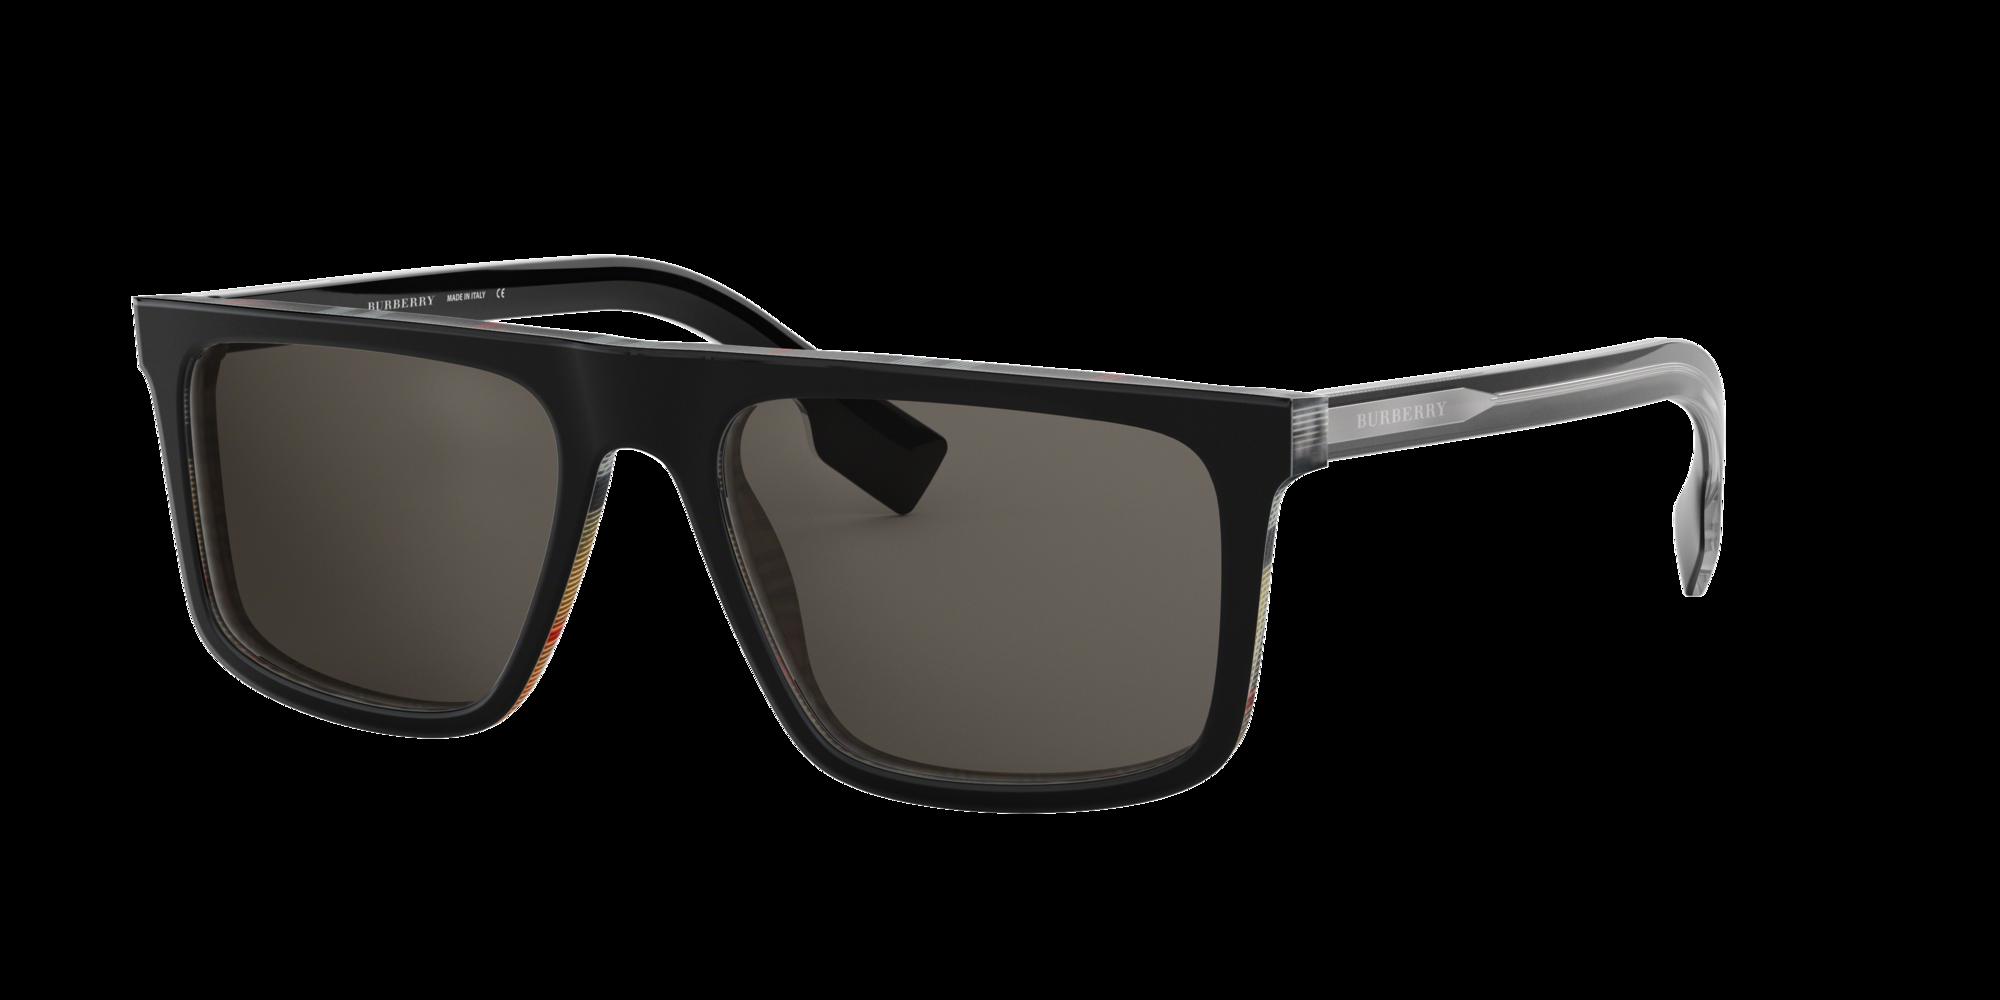 Burberry Man  BE4276 -  Frame color: Black, Lens color: Grey-Black, Size 55-18/145